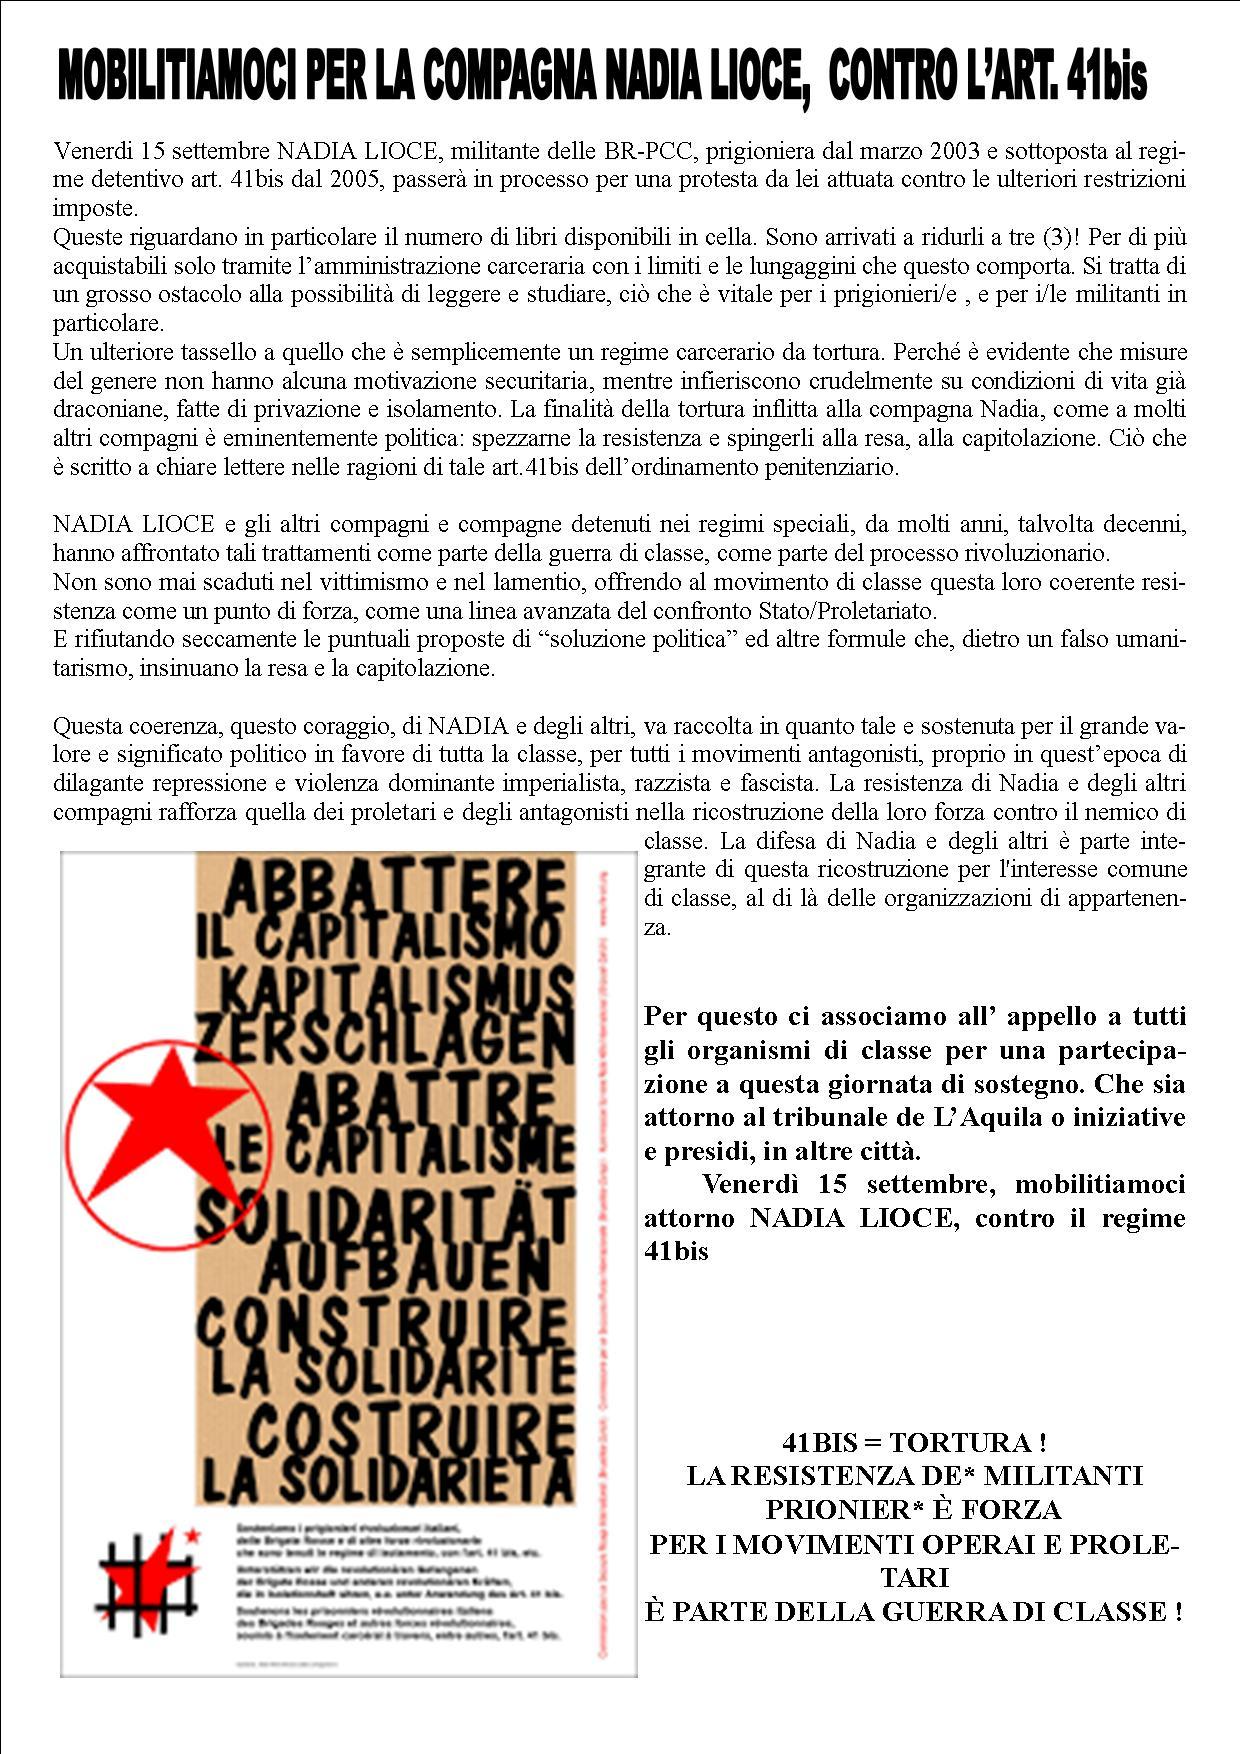 Lioce (1).jpg